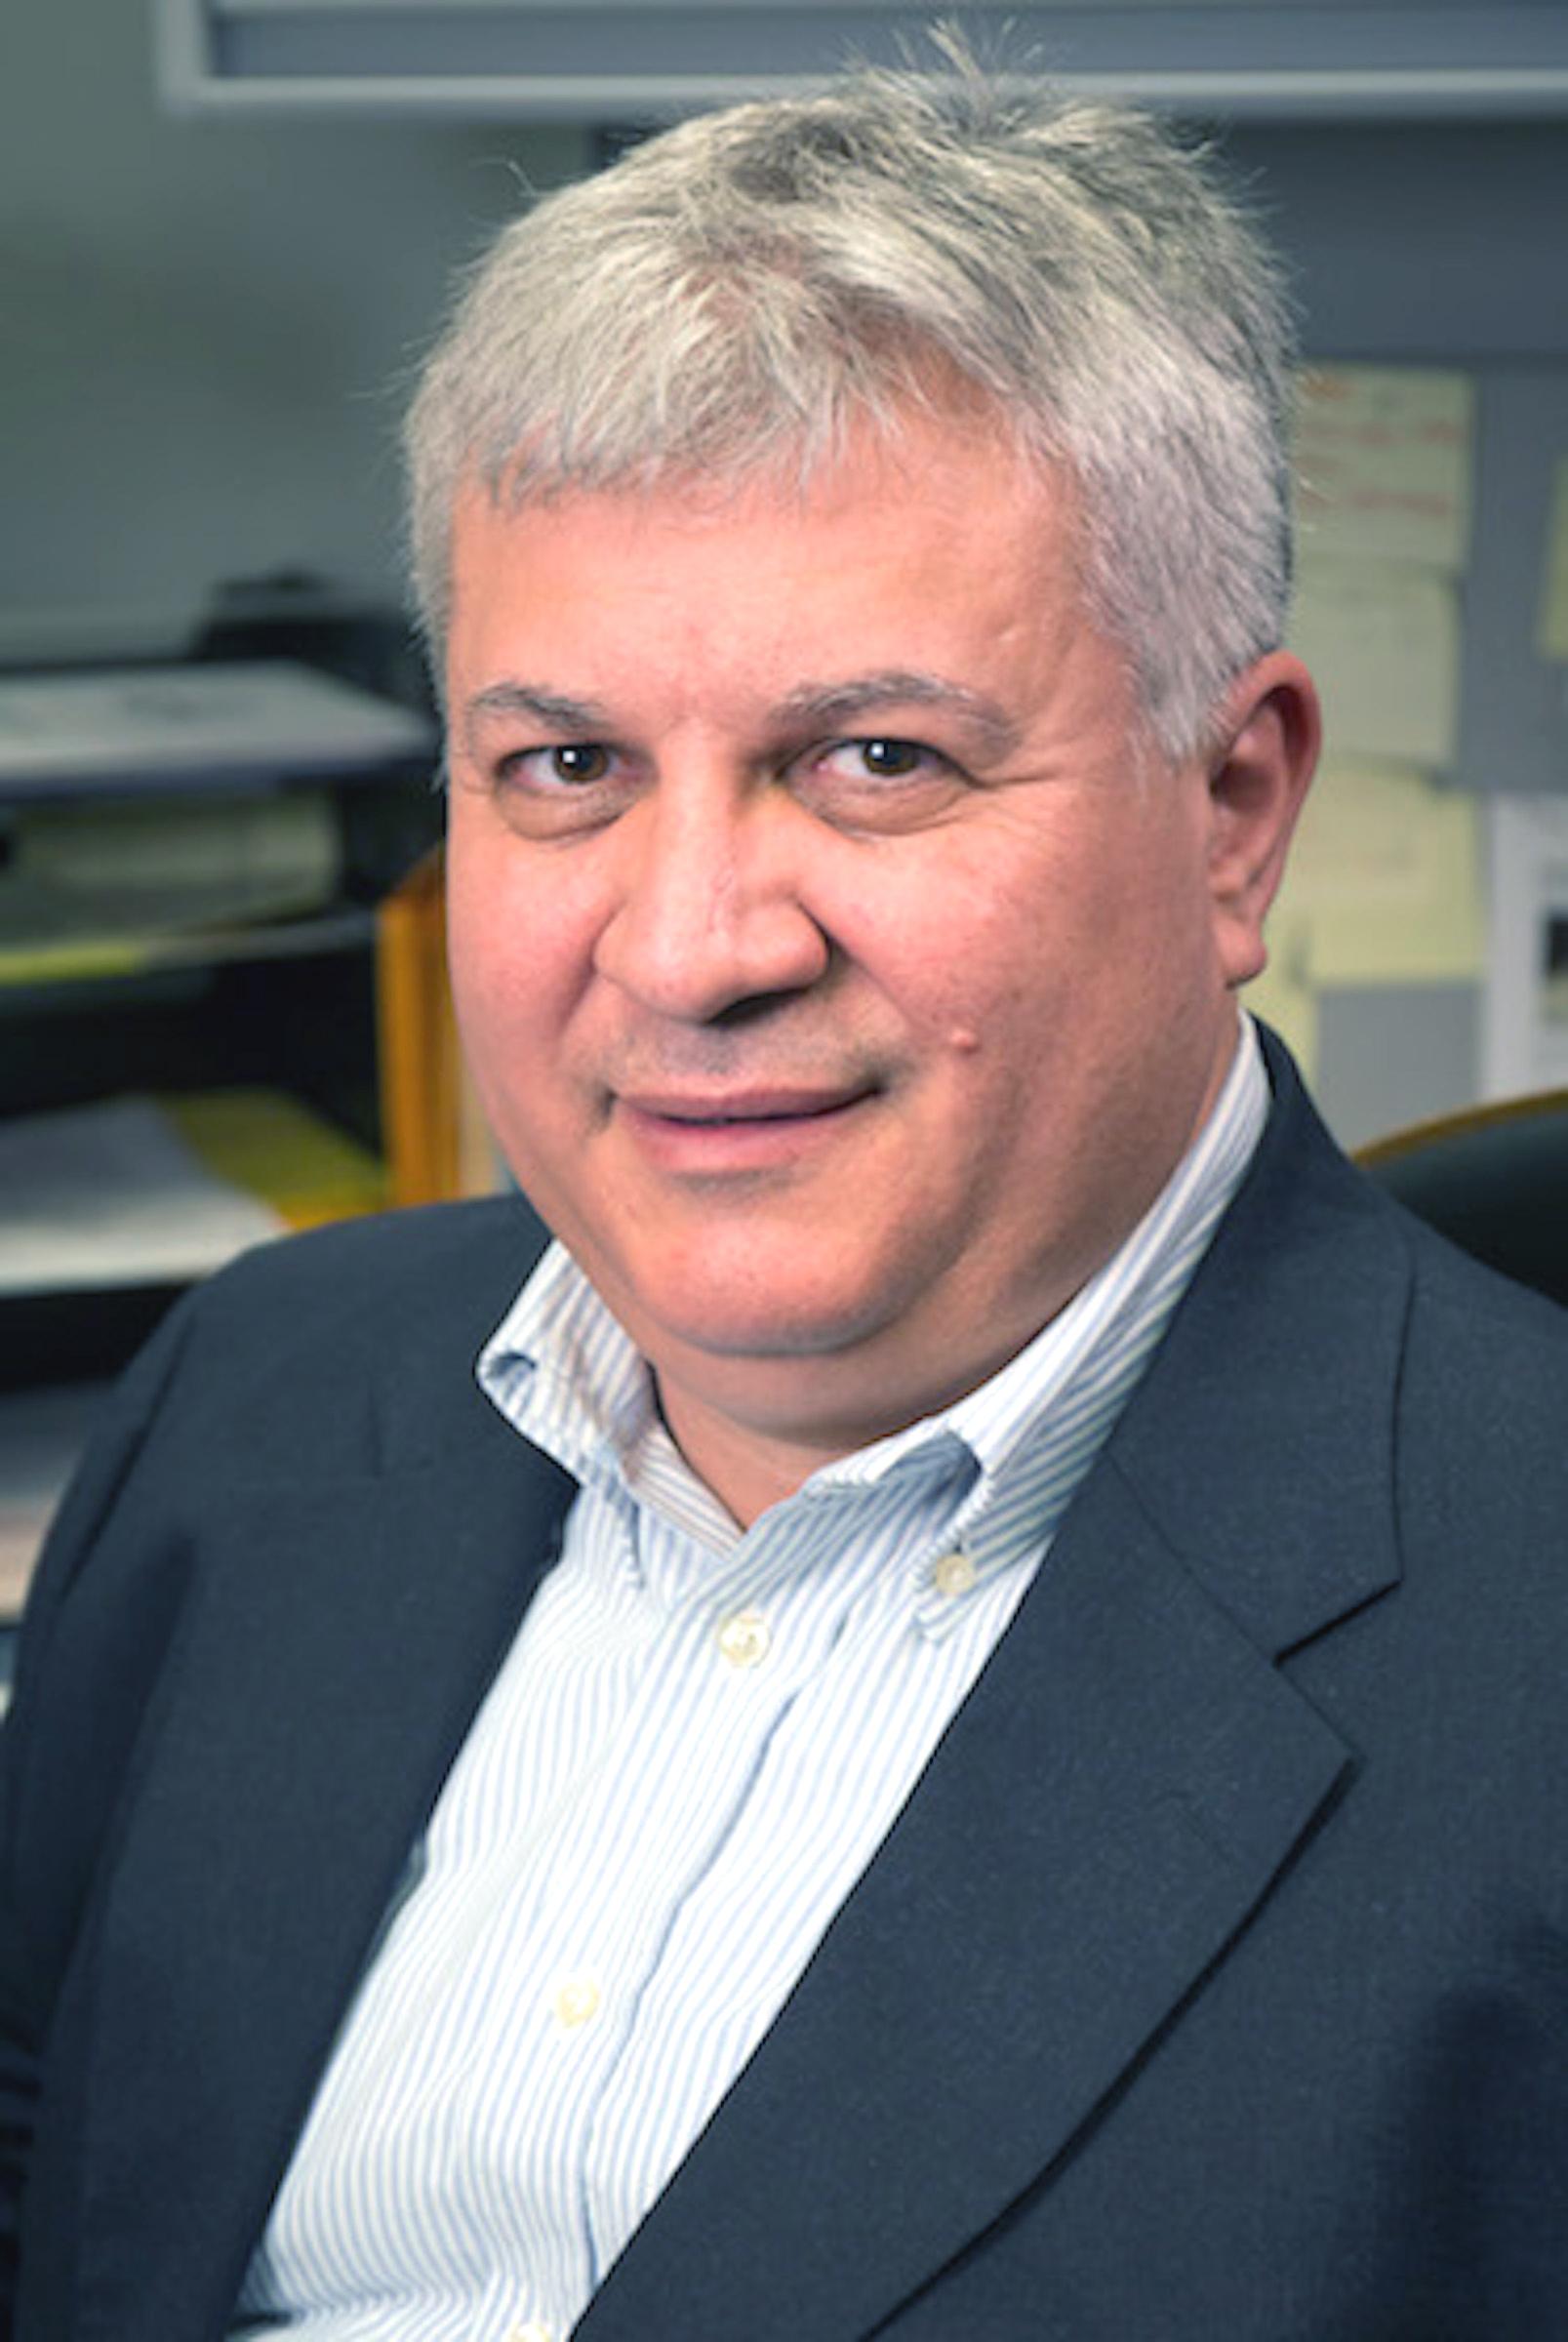 Amr Al-Azm